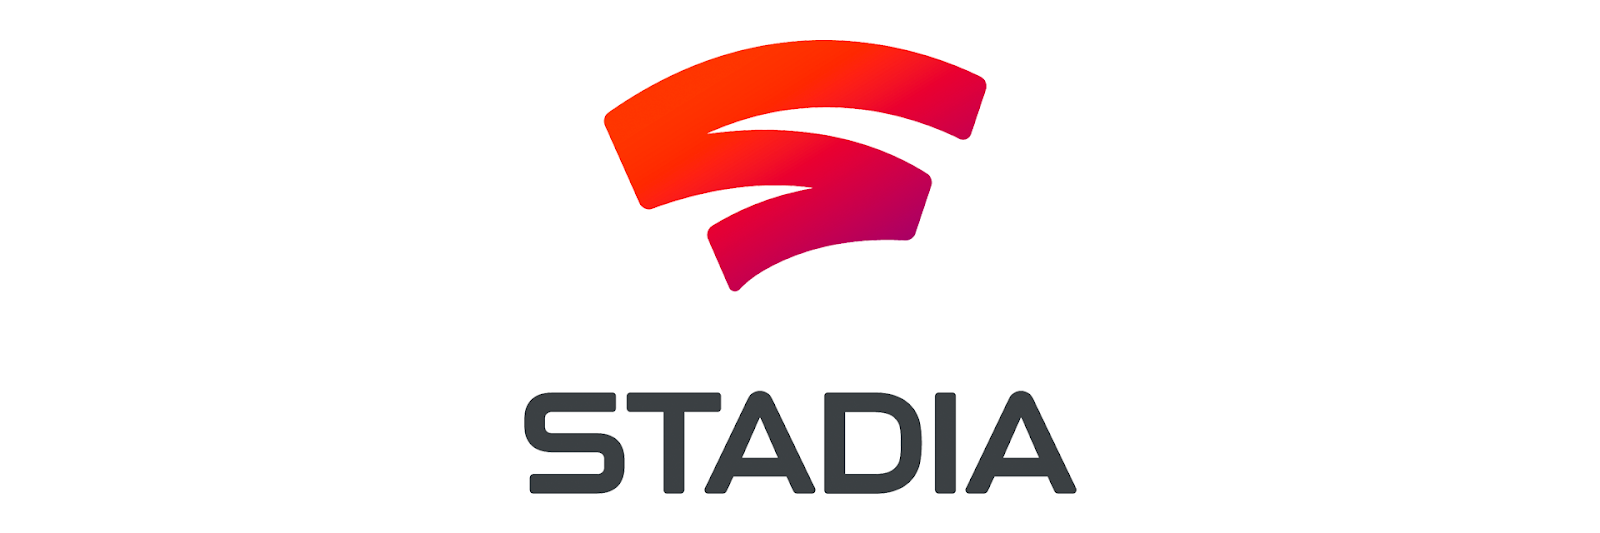 Googleのクラウドゲーミングサービス「Stadia」が11月19日から14ヶ国でスタート【日本は未定】料金、サービス内容のまとめ